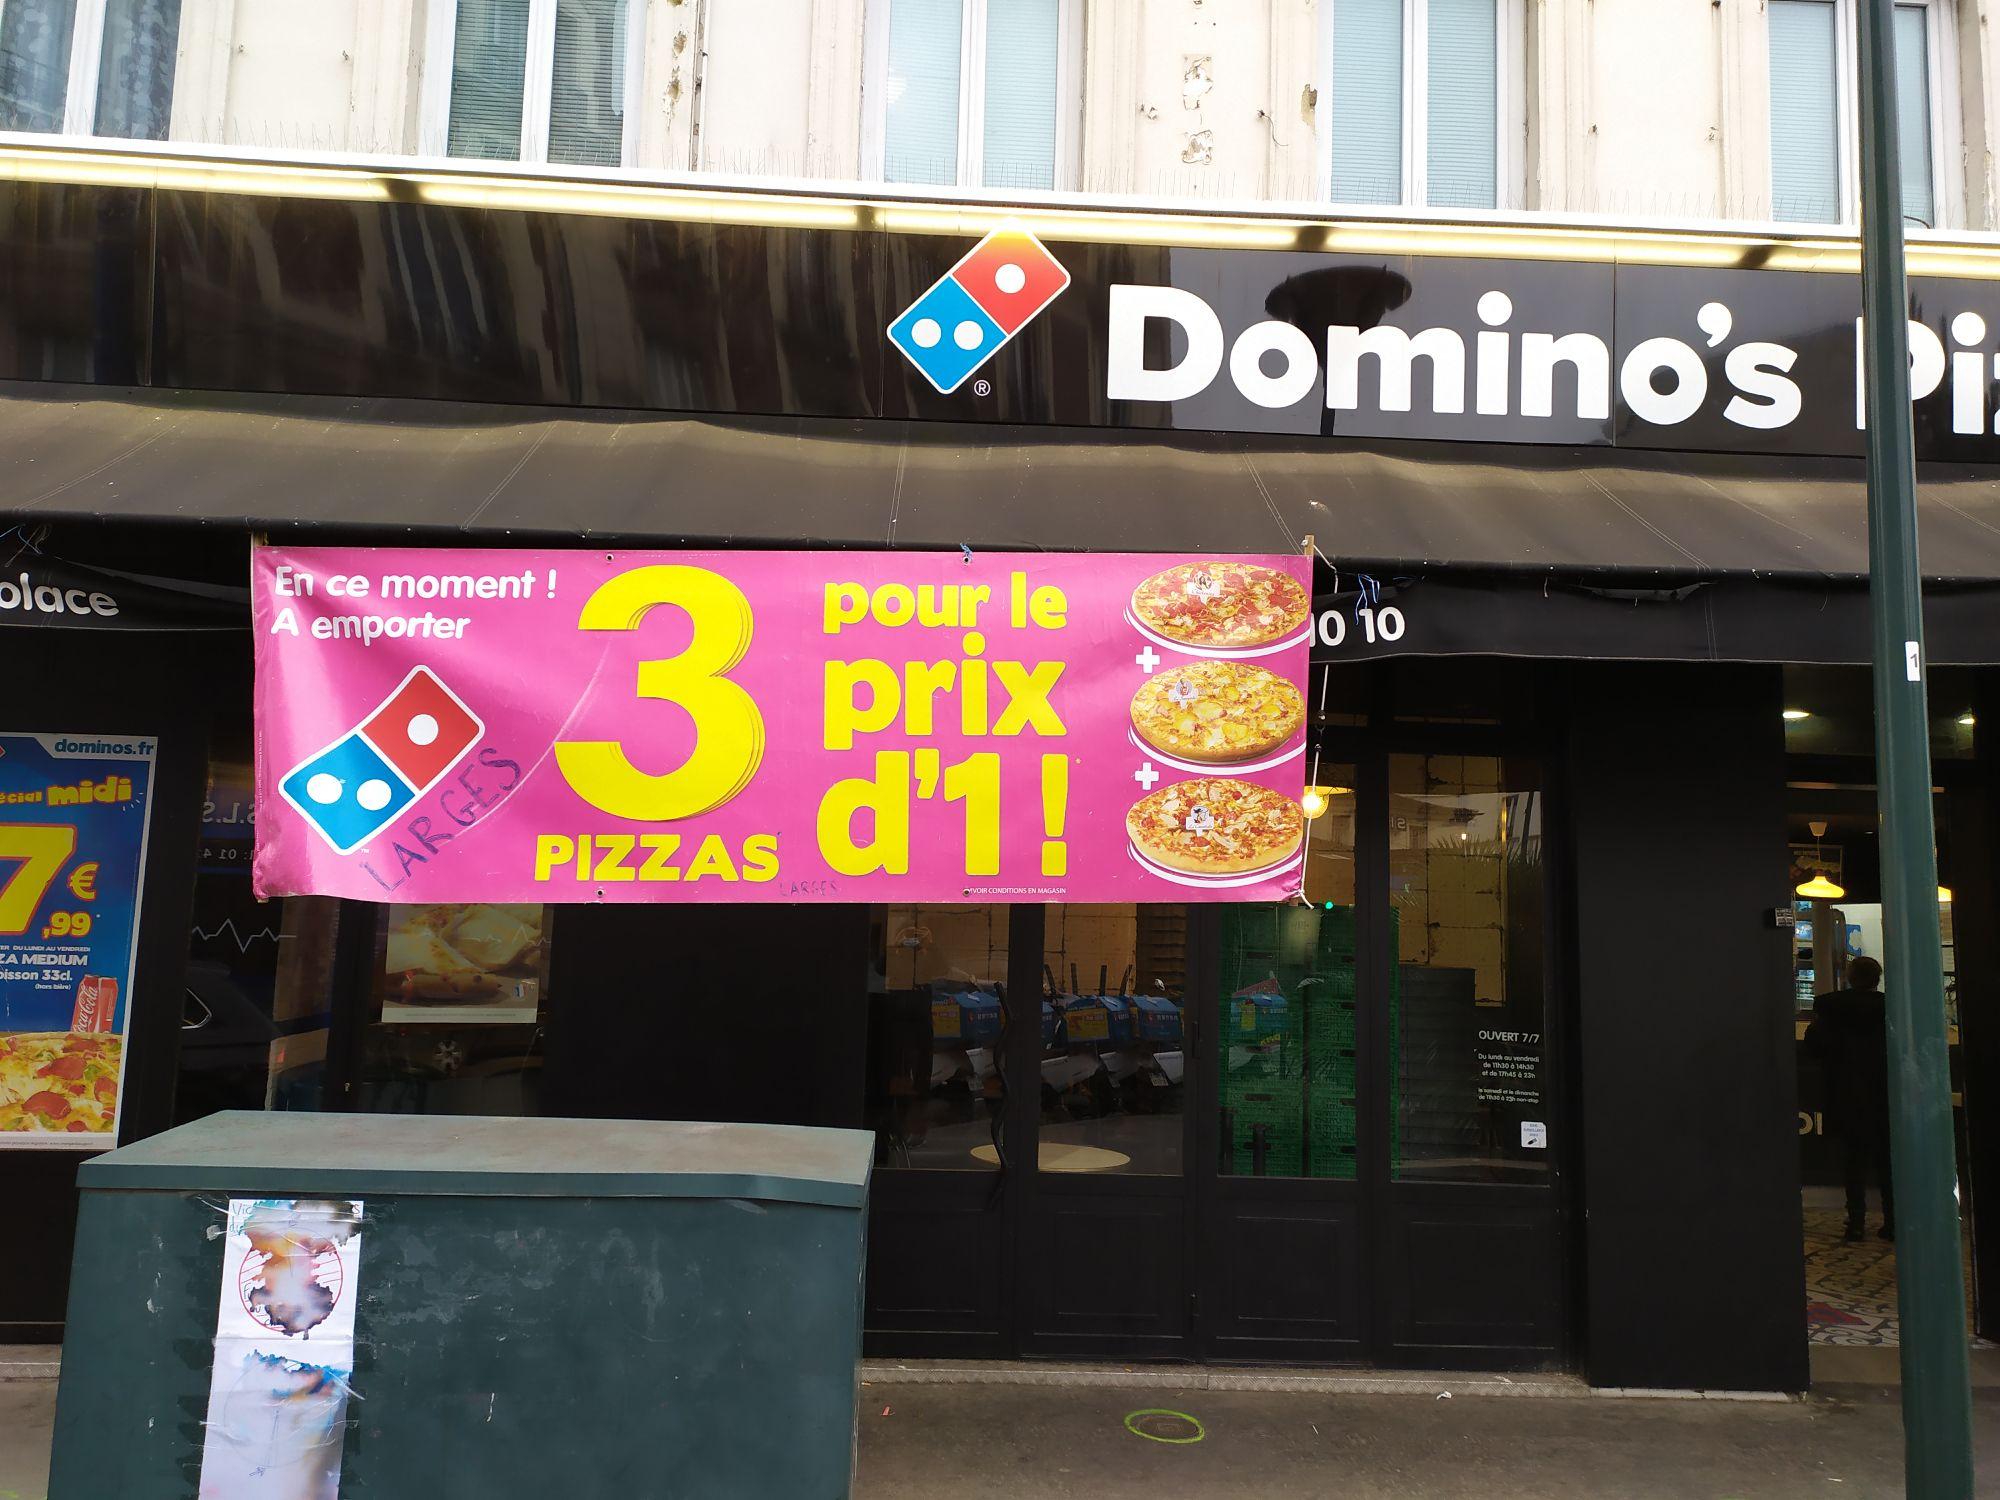 3 Pizzas pour le prix d'1 - Asnières-sur-seine (92)